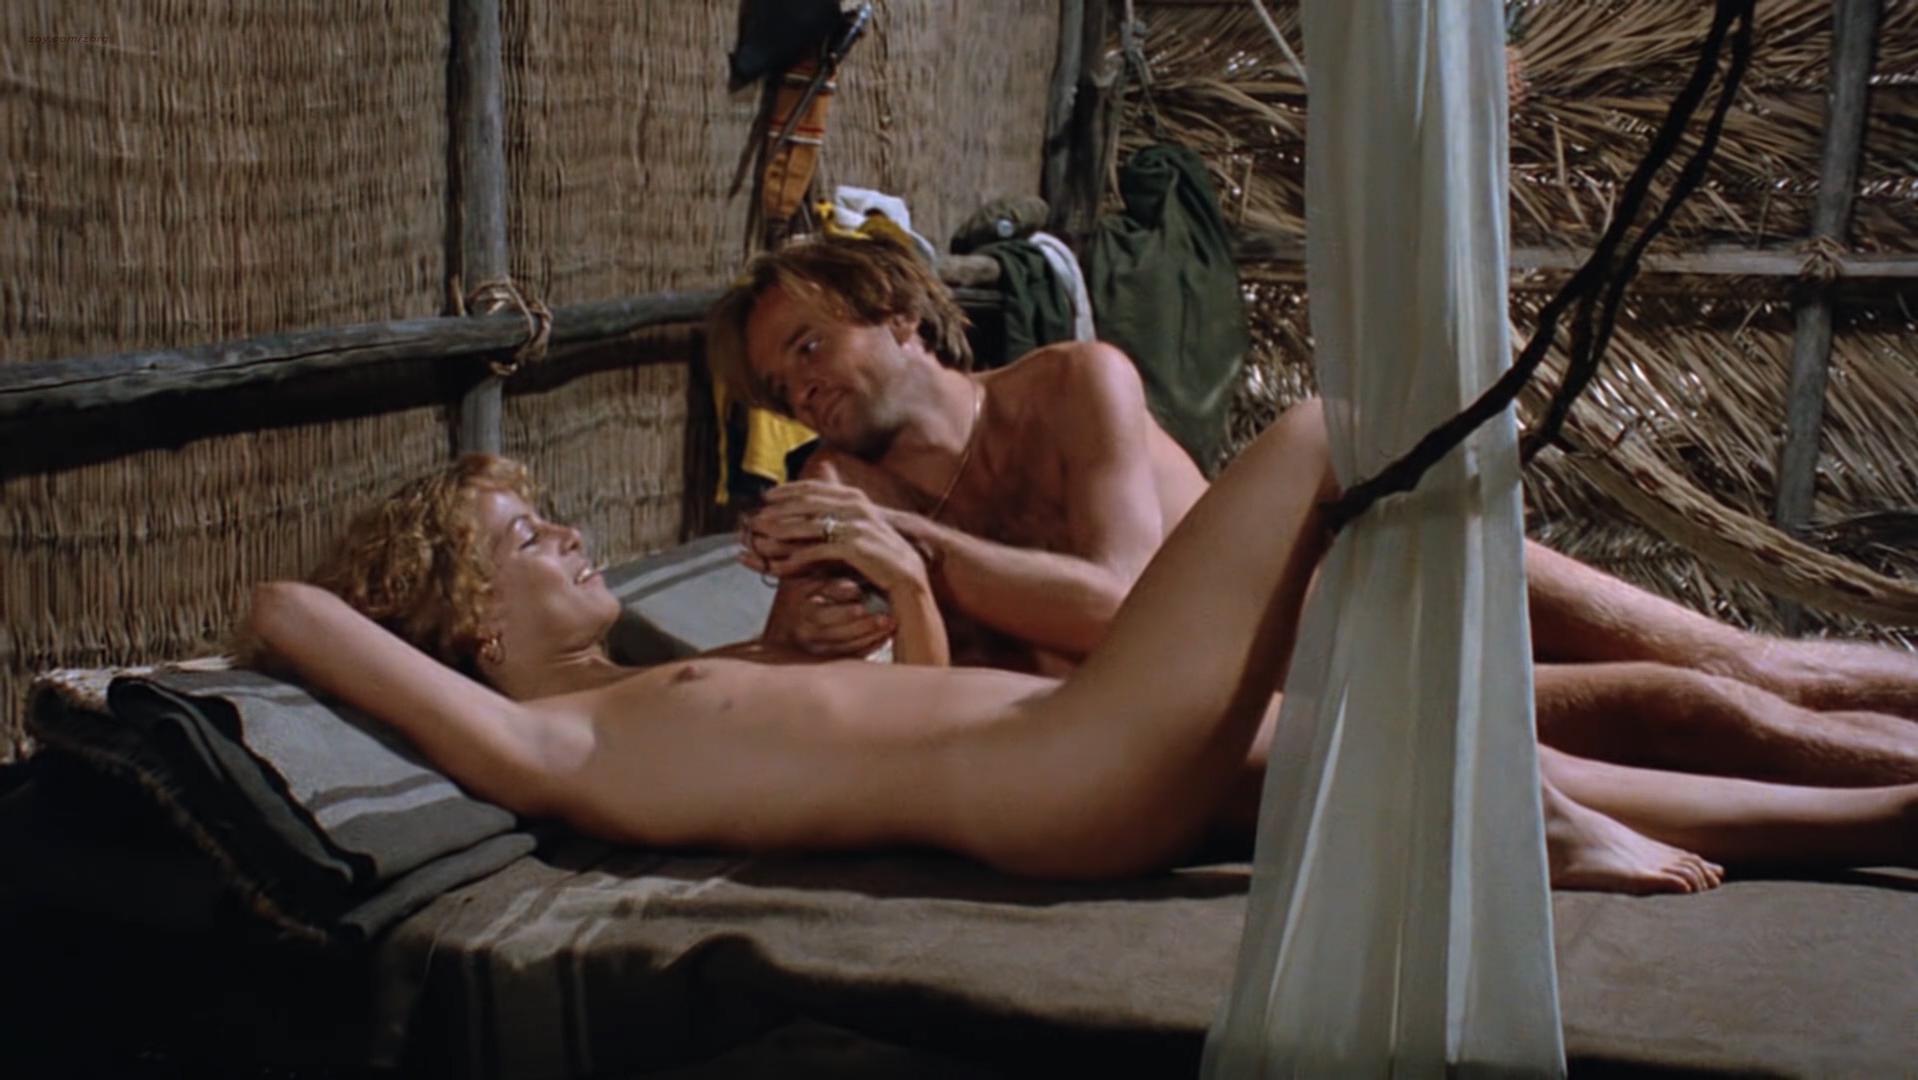 shotlandskie-eroticheskie-filmi-erotika-foto-vse-fetish-pyatochki